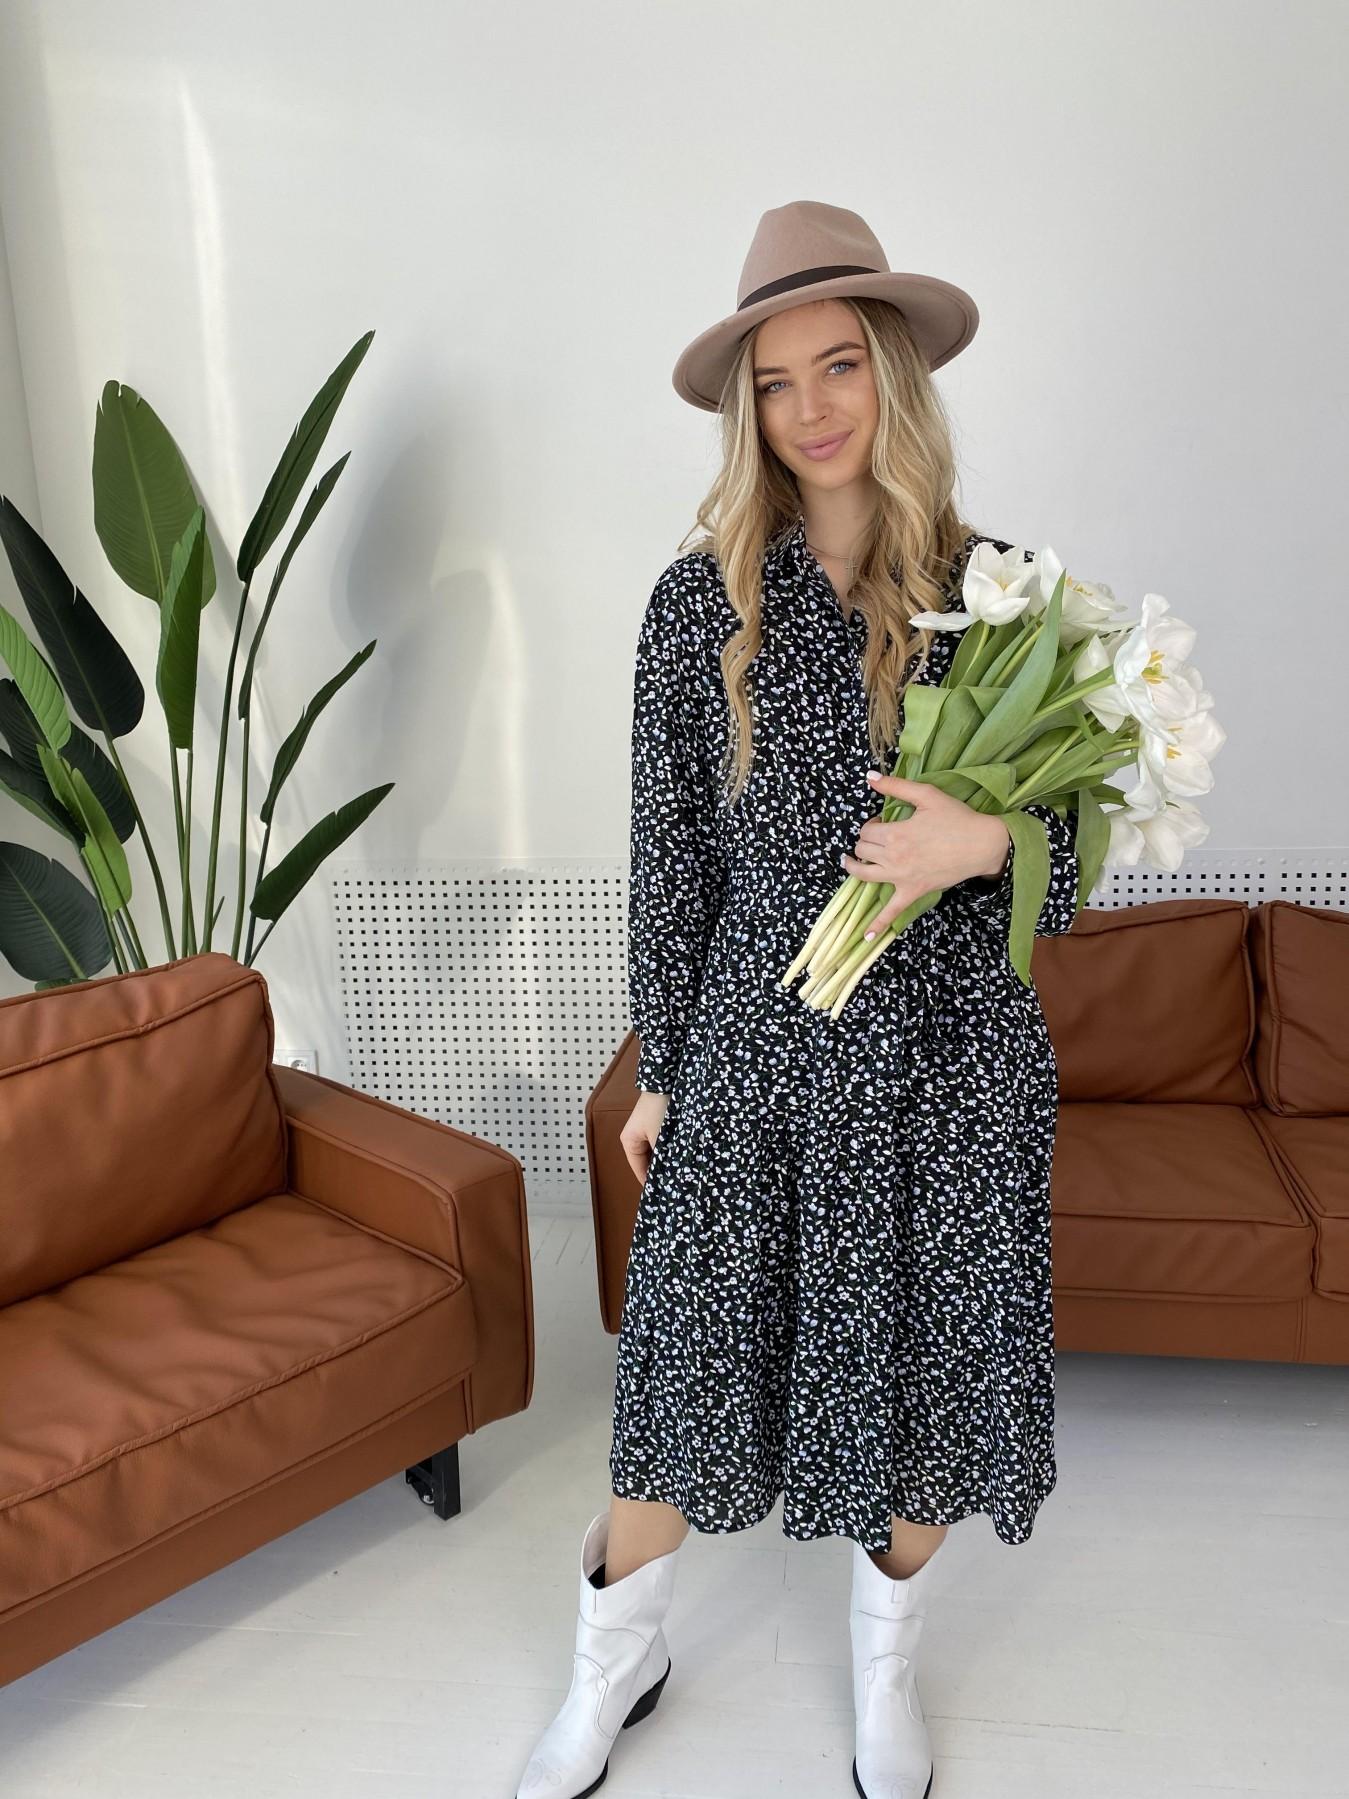 Лилия штапель принт платье 10879 АРТ. 47351 Цвет: Цветы мел черн/бел/гол - фото 2, интернет магазин tm-modus.ru